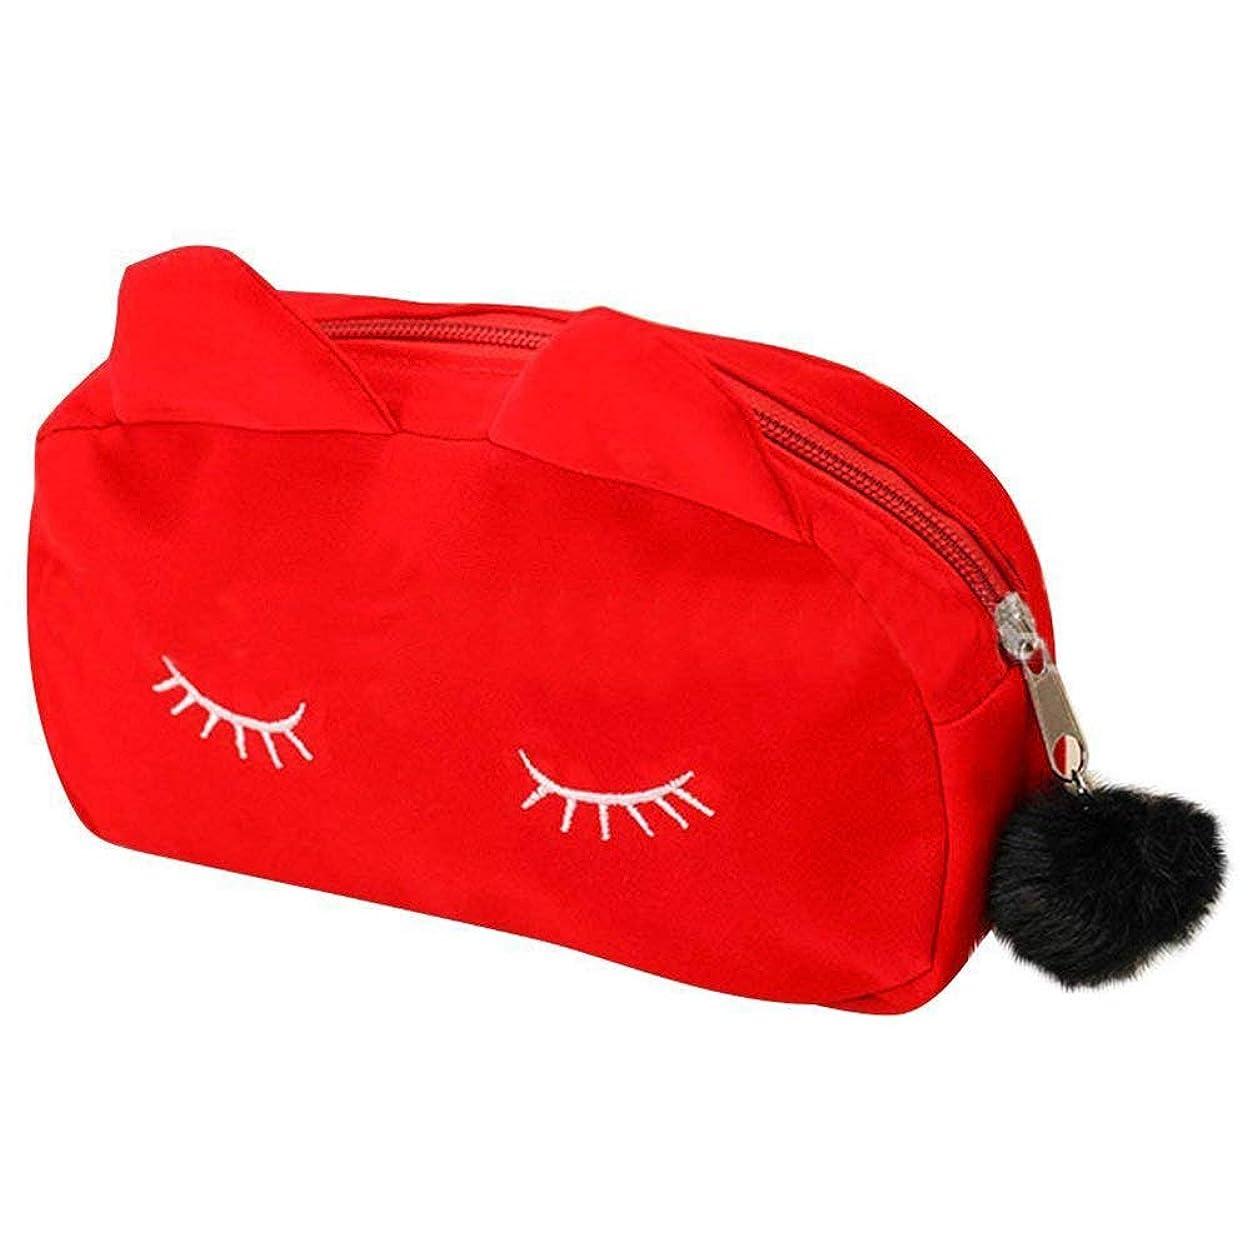 移行する組立サルベージTOOGOO 携帯用 漫画パターン化粧品袋 構造袋 ペン筆箱 ボックス 箱 赤色